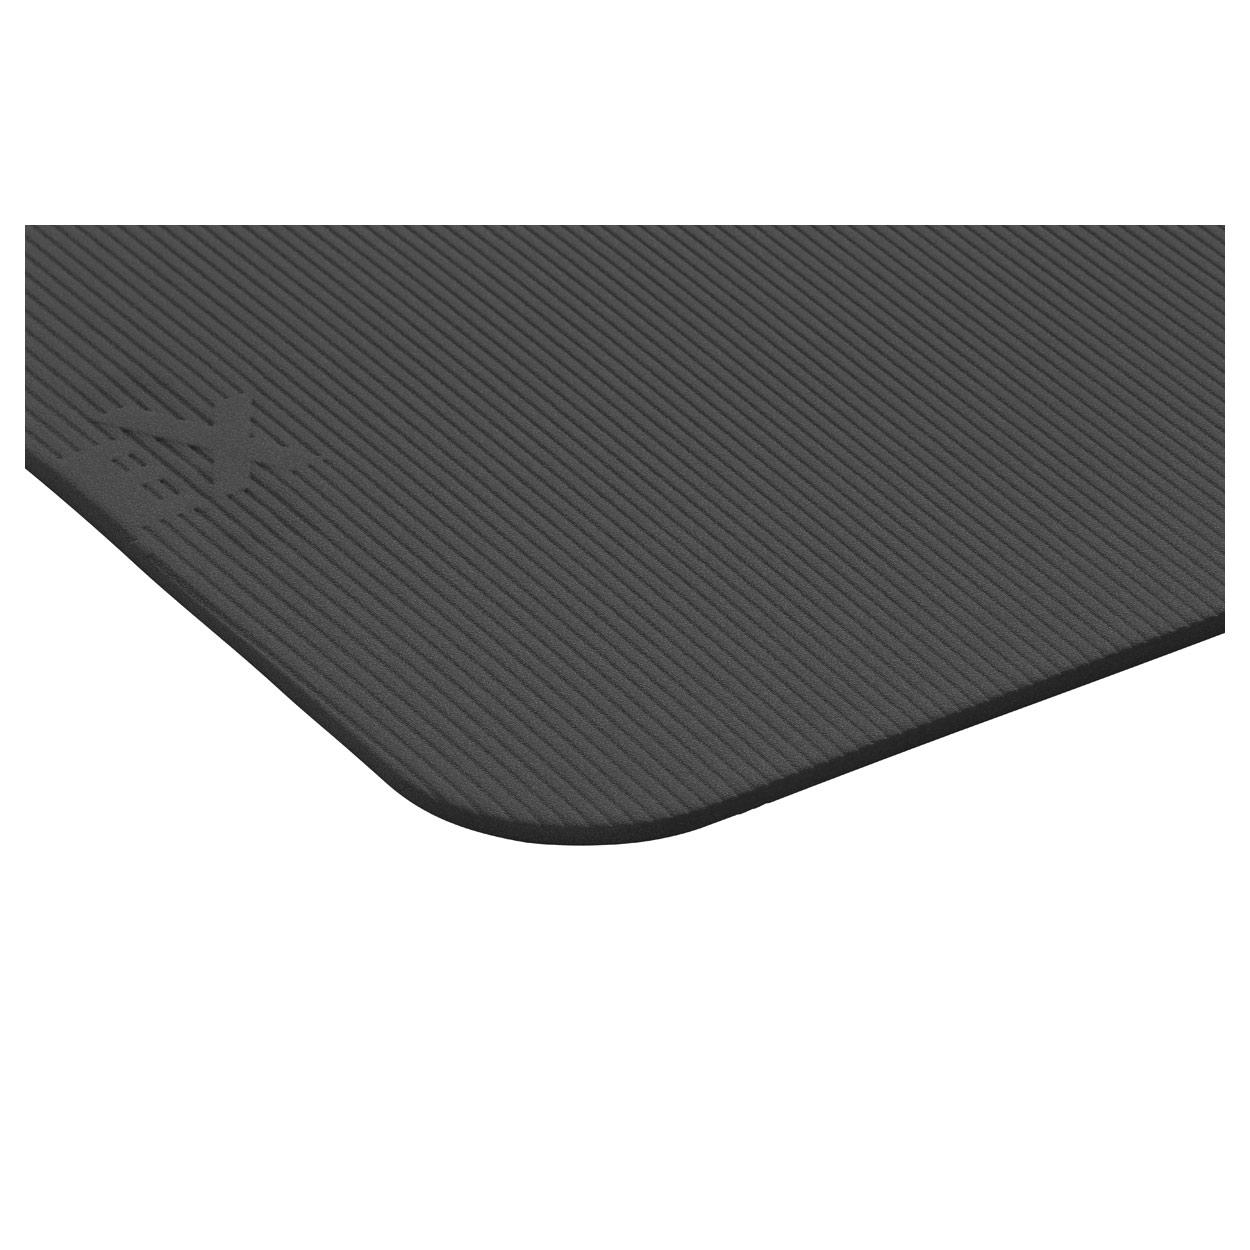 AIREX-Gymnastikmatte-Fitline-140-Sportmatte-Pilatesmatte-Turnmatte-Fitnessmatte Indexbild 18